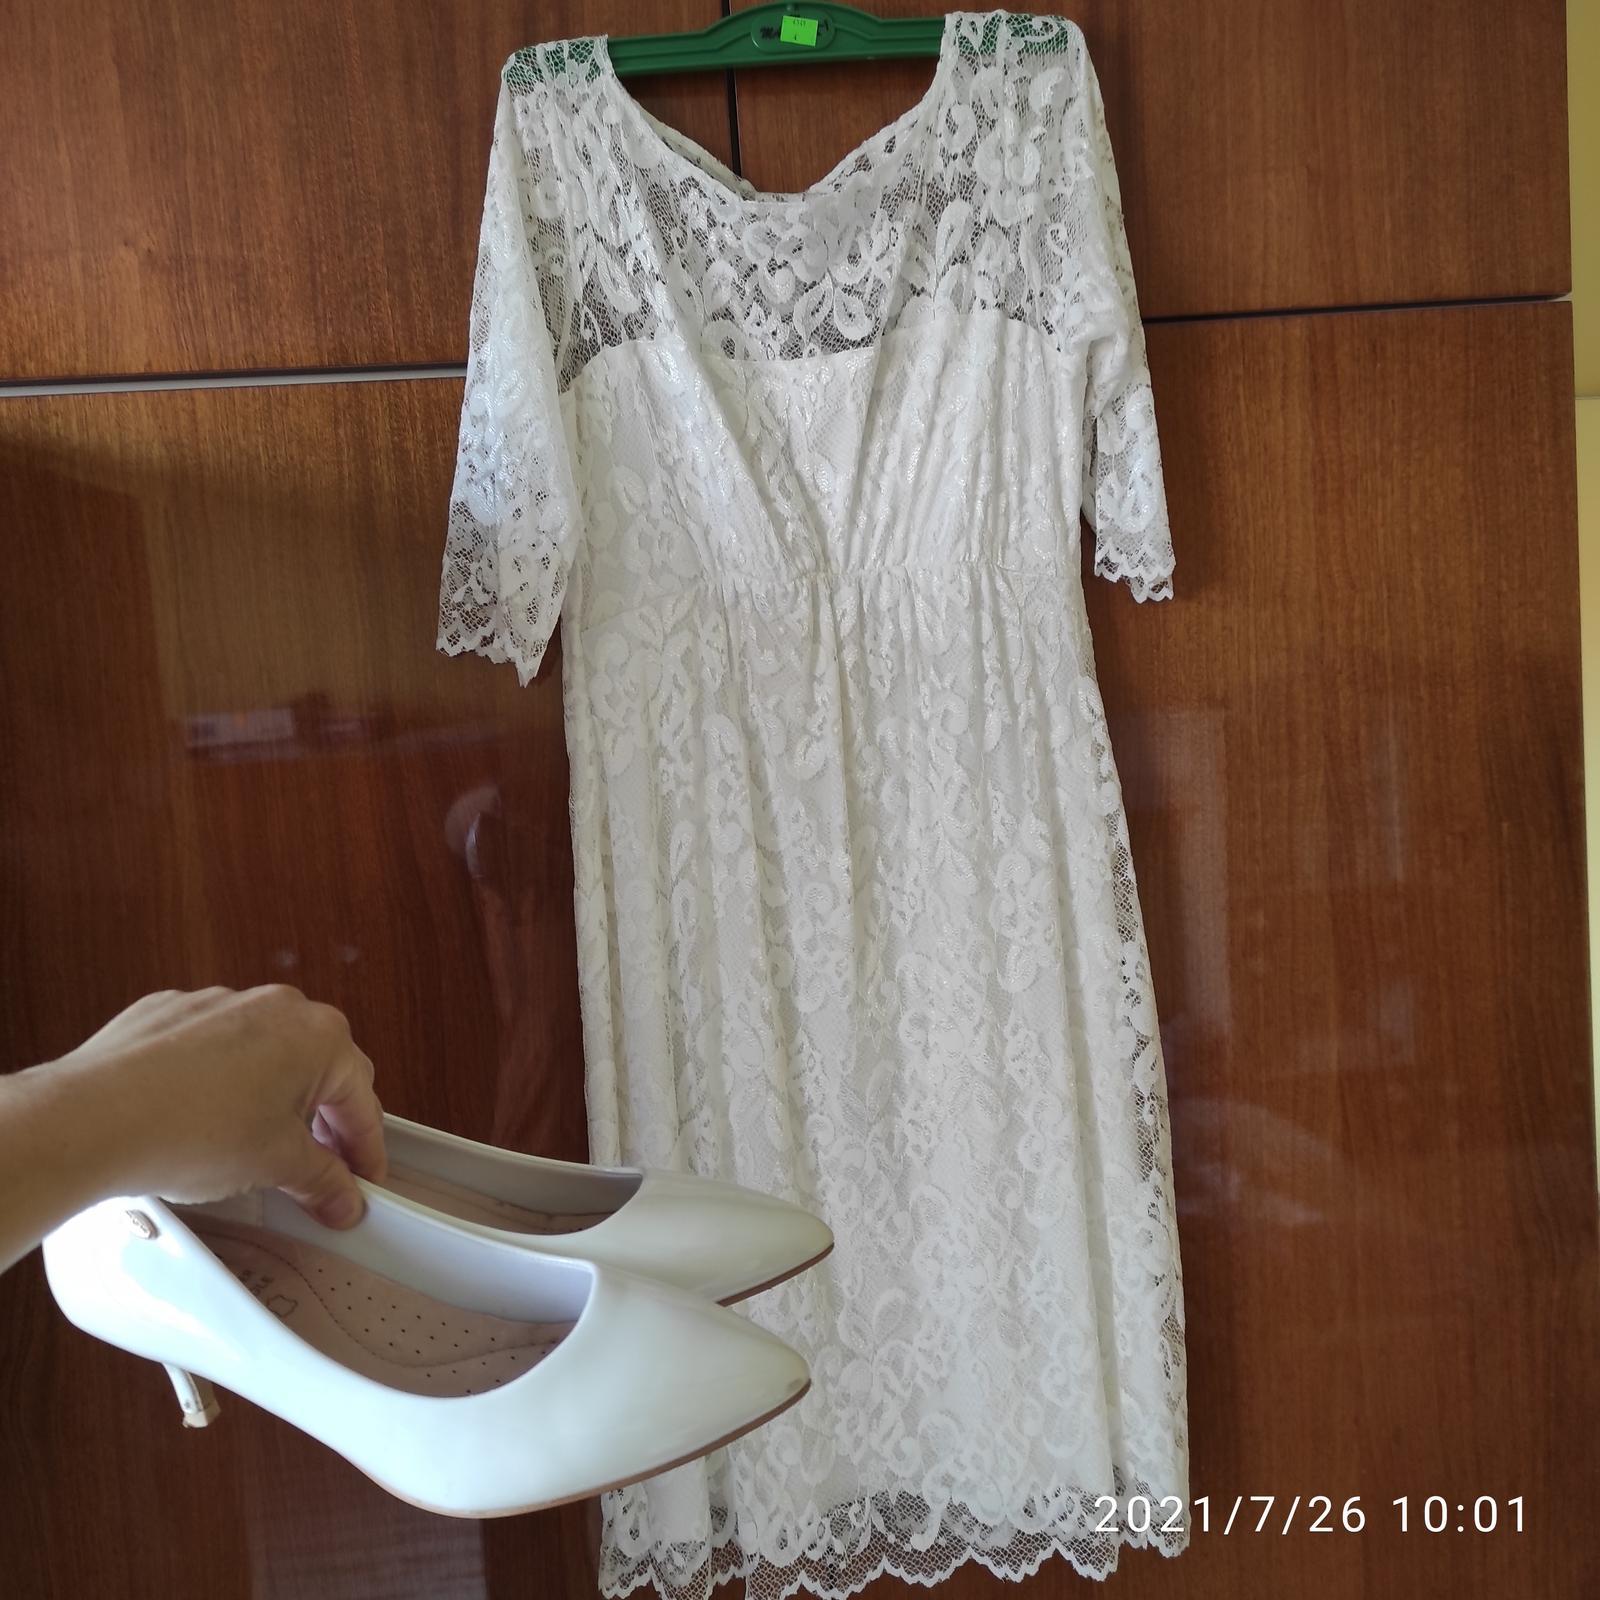 Predám krásne svadobné tehotenské šaty, pár hodín oblečené - Obrázok č. 1